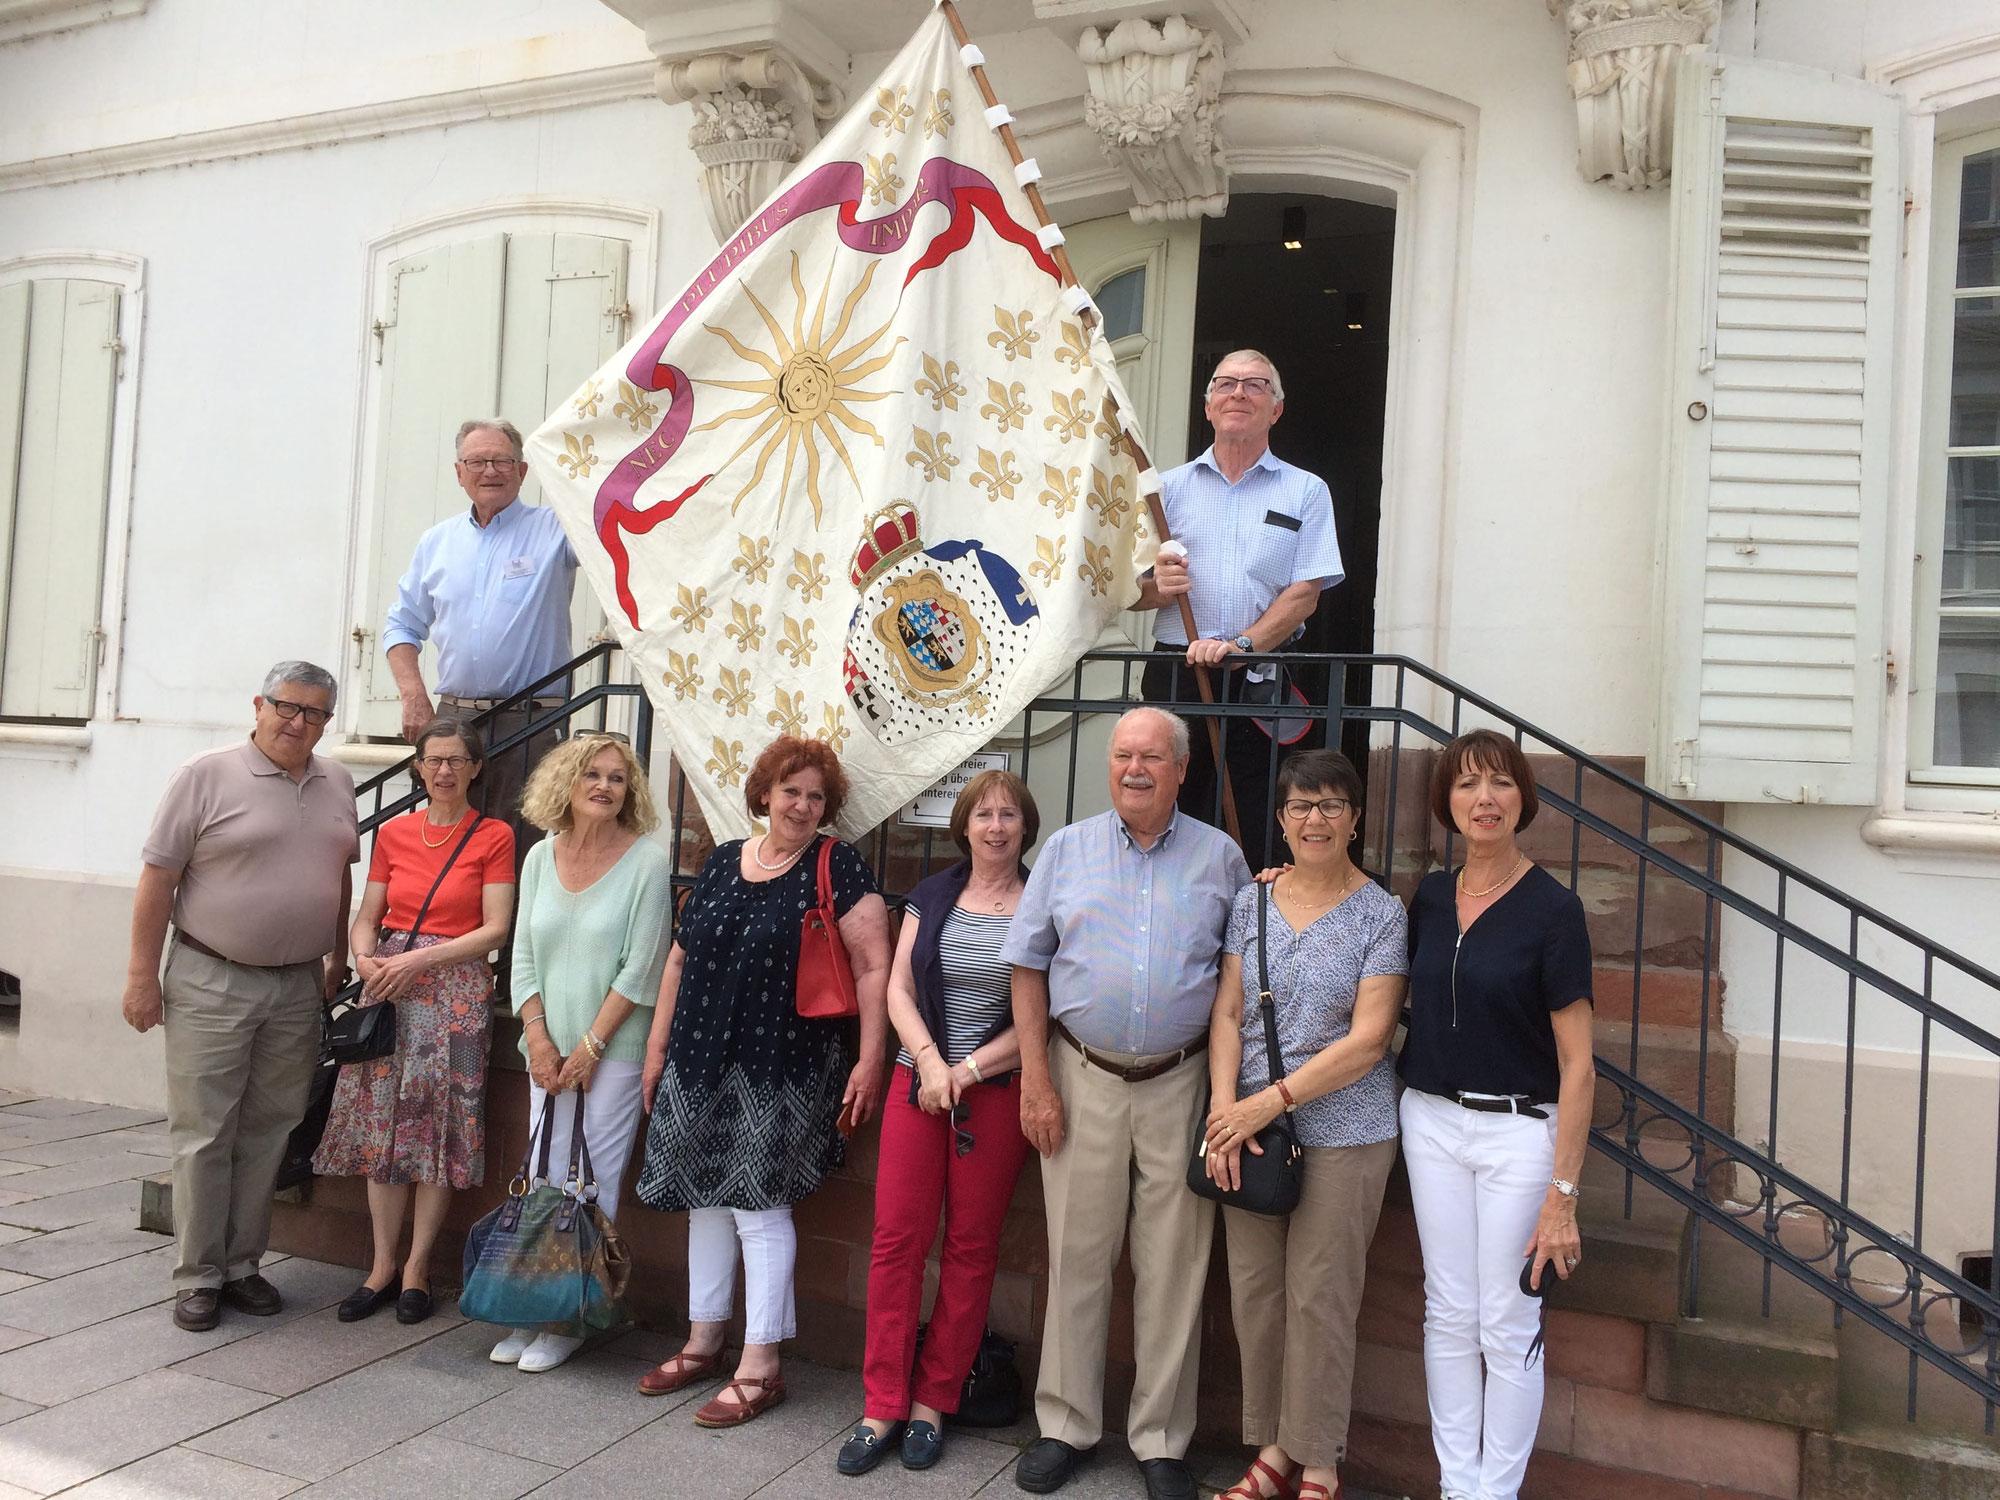 18-21 juin 2019 : Voyage à Zweibrücken et en Nord Alsace